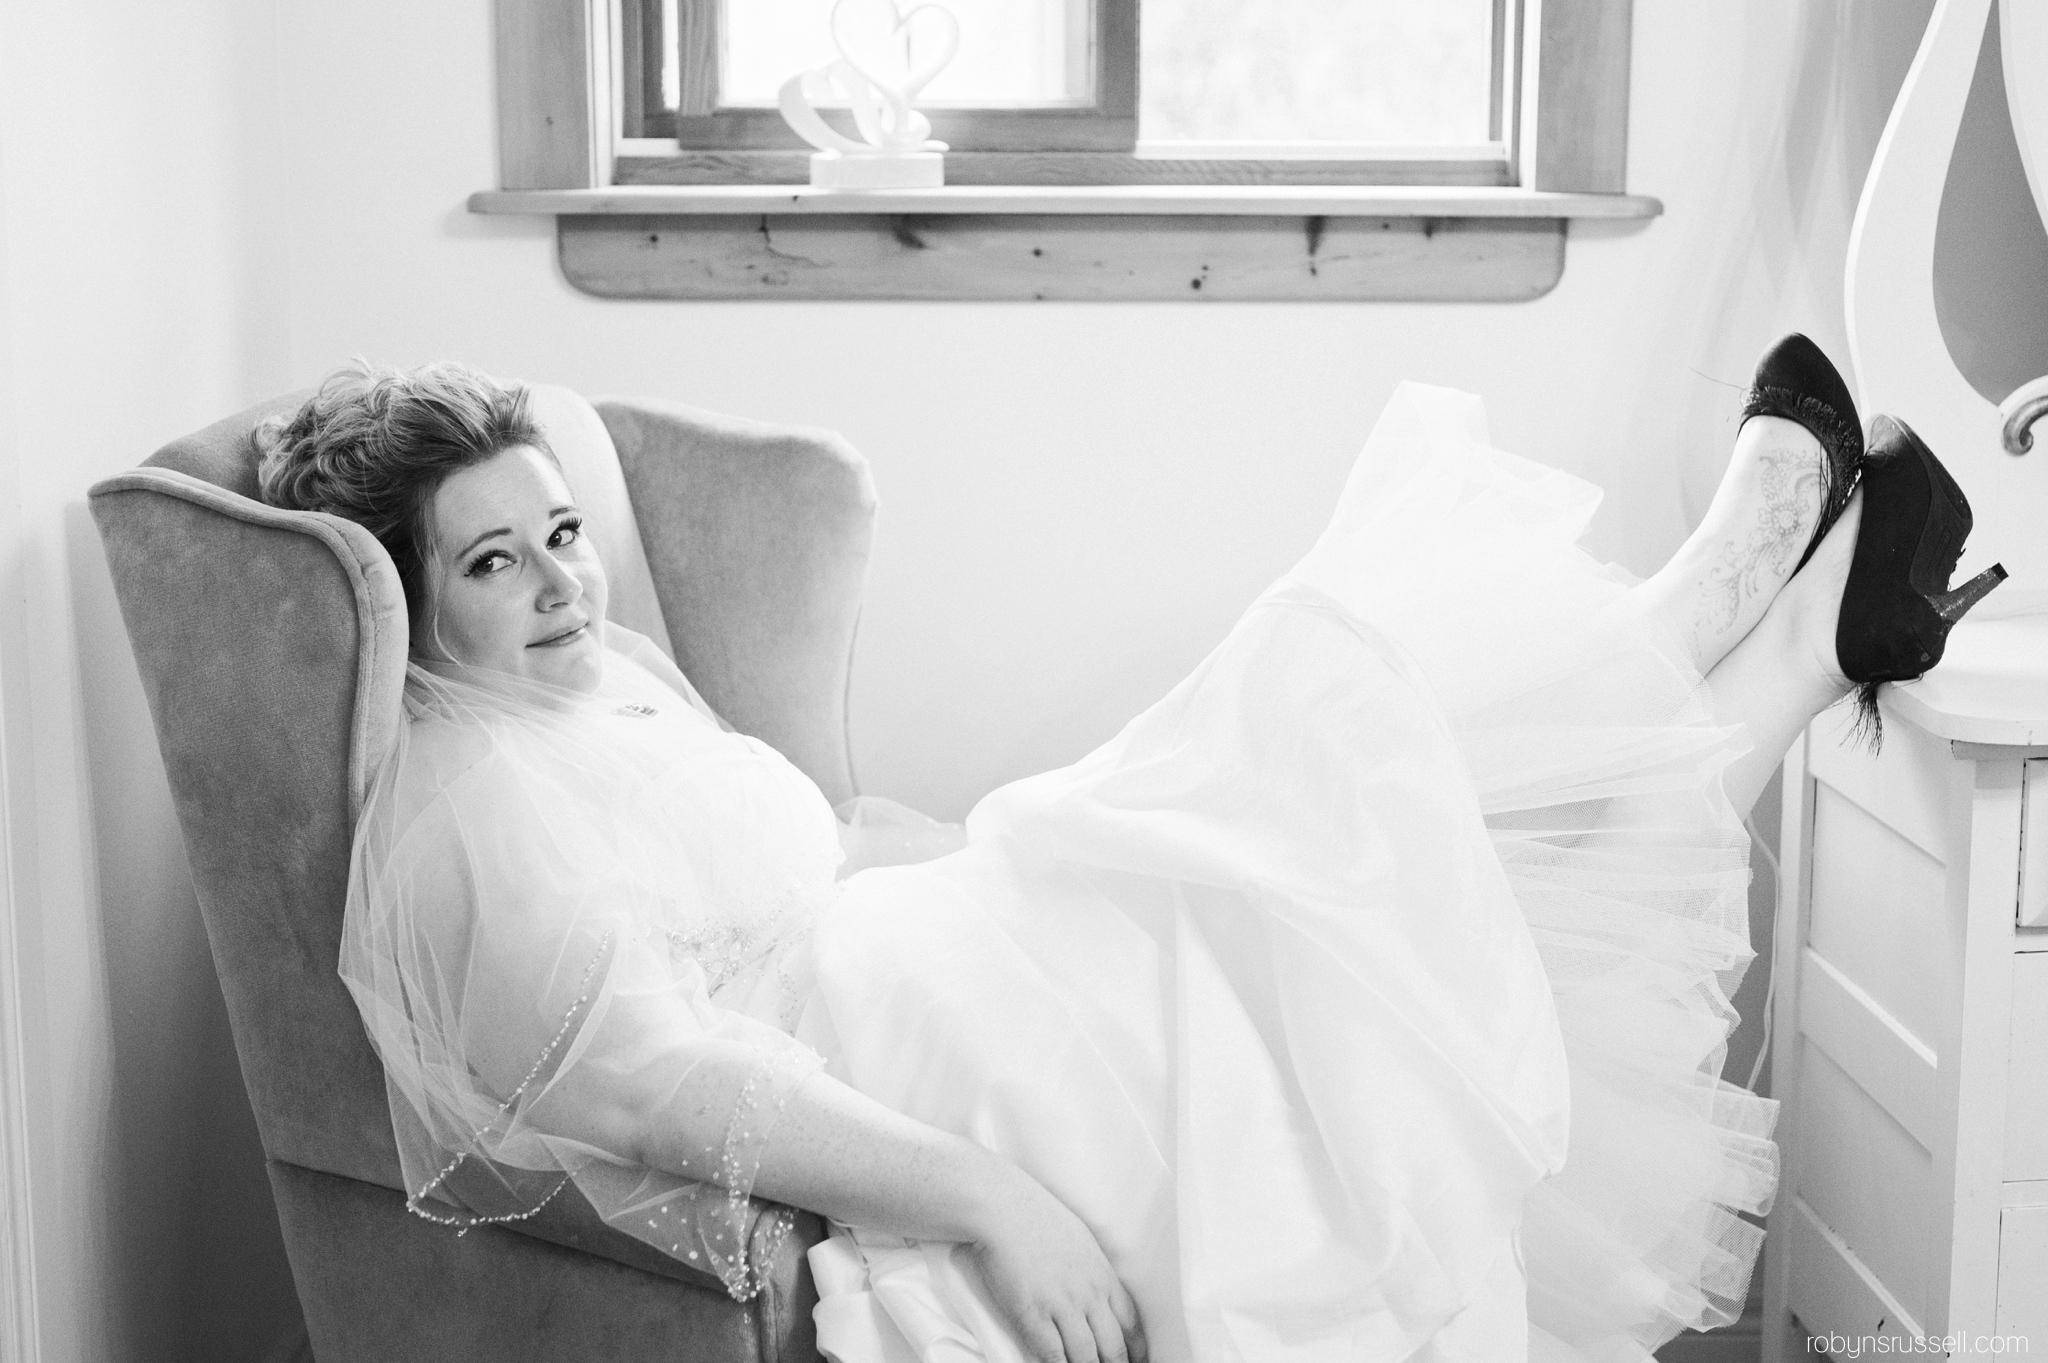 9-cute-bride-to-be.jpg